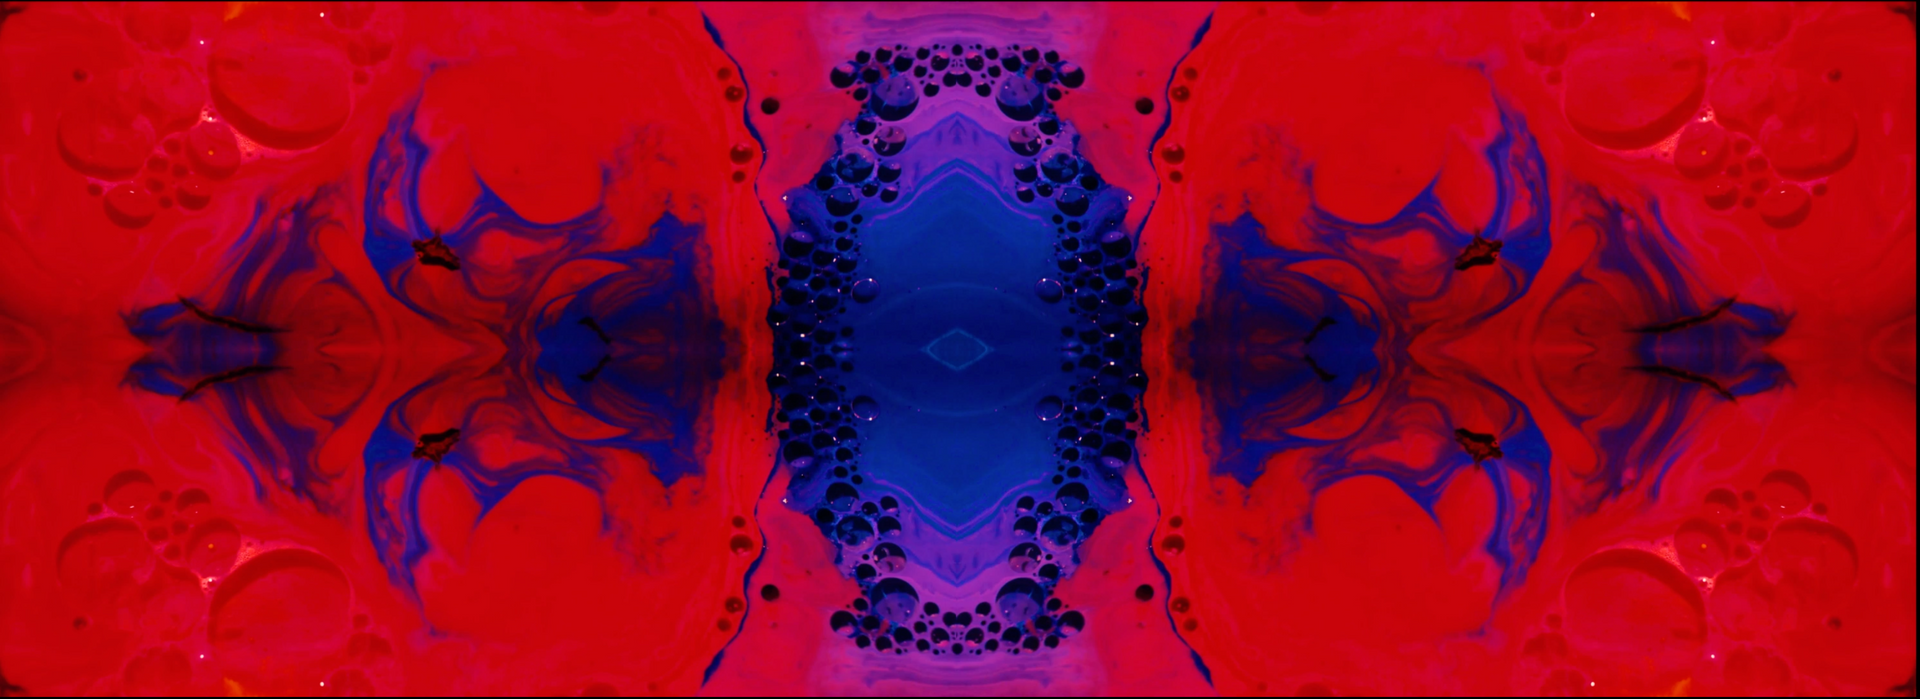 Screen Shot 2020-03-09 at 5.31.34 PM.png